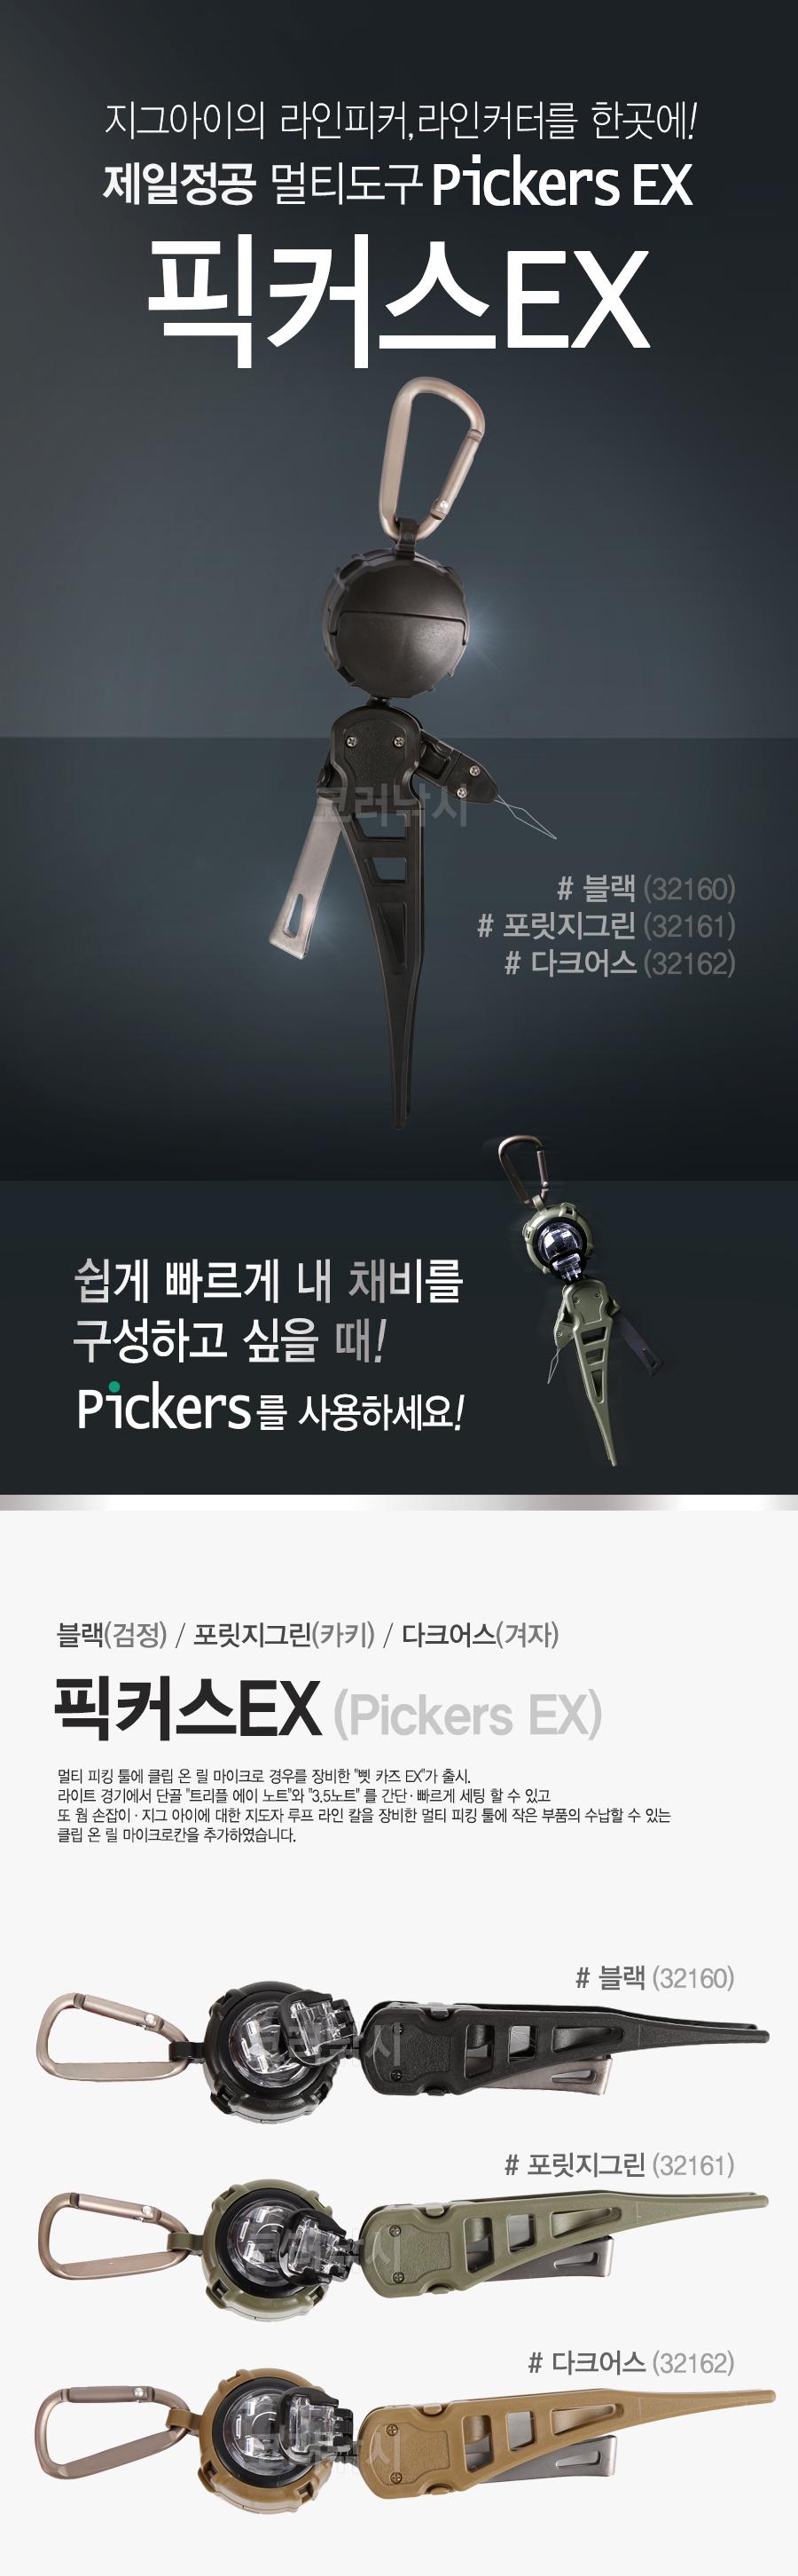 제일정공 픽커스 EX PICKERS EX 노트어시스트 라인커터 핀온릴 라인아이 지그아이라인 다이치세이코 피커스